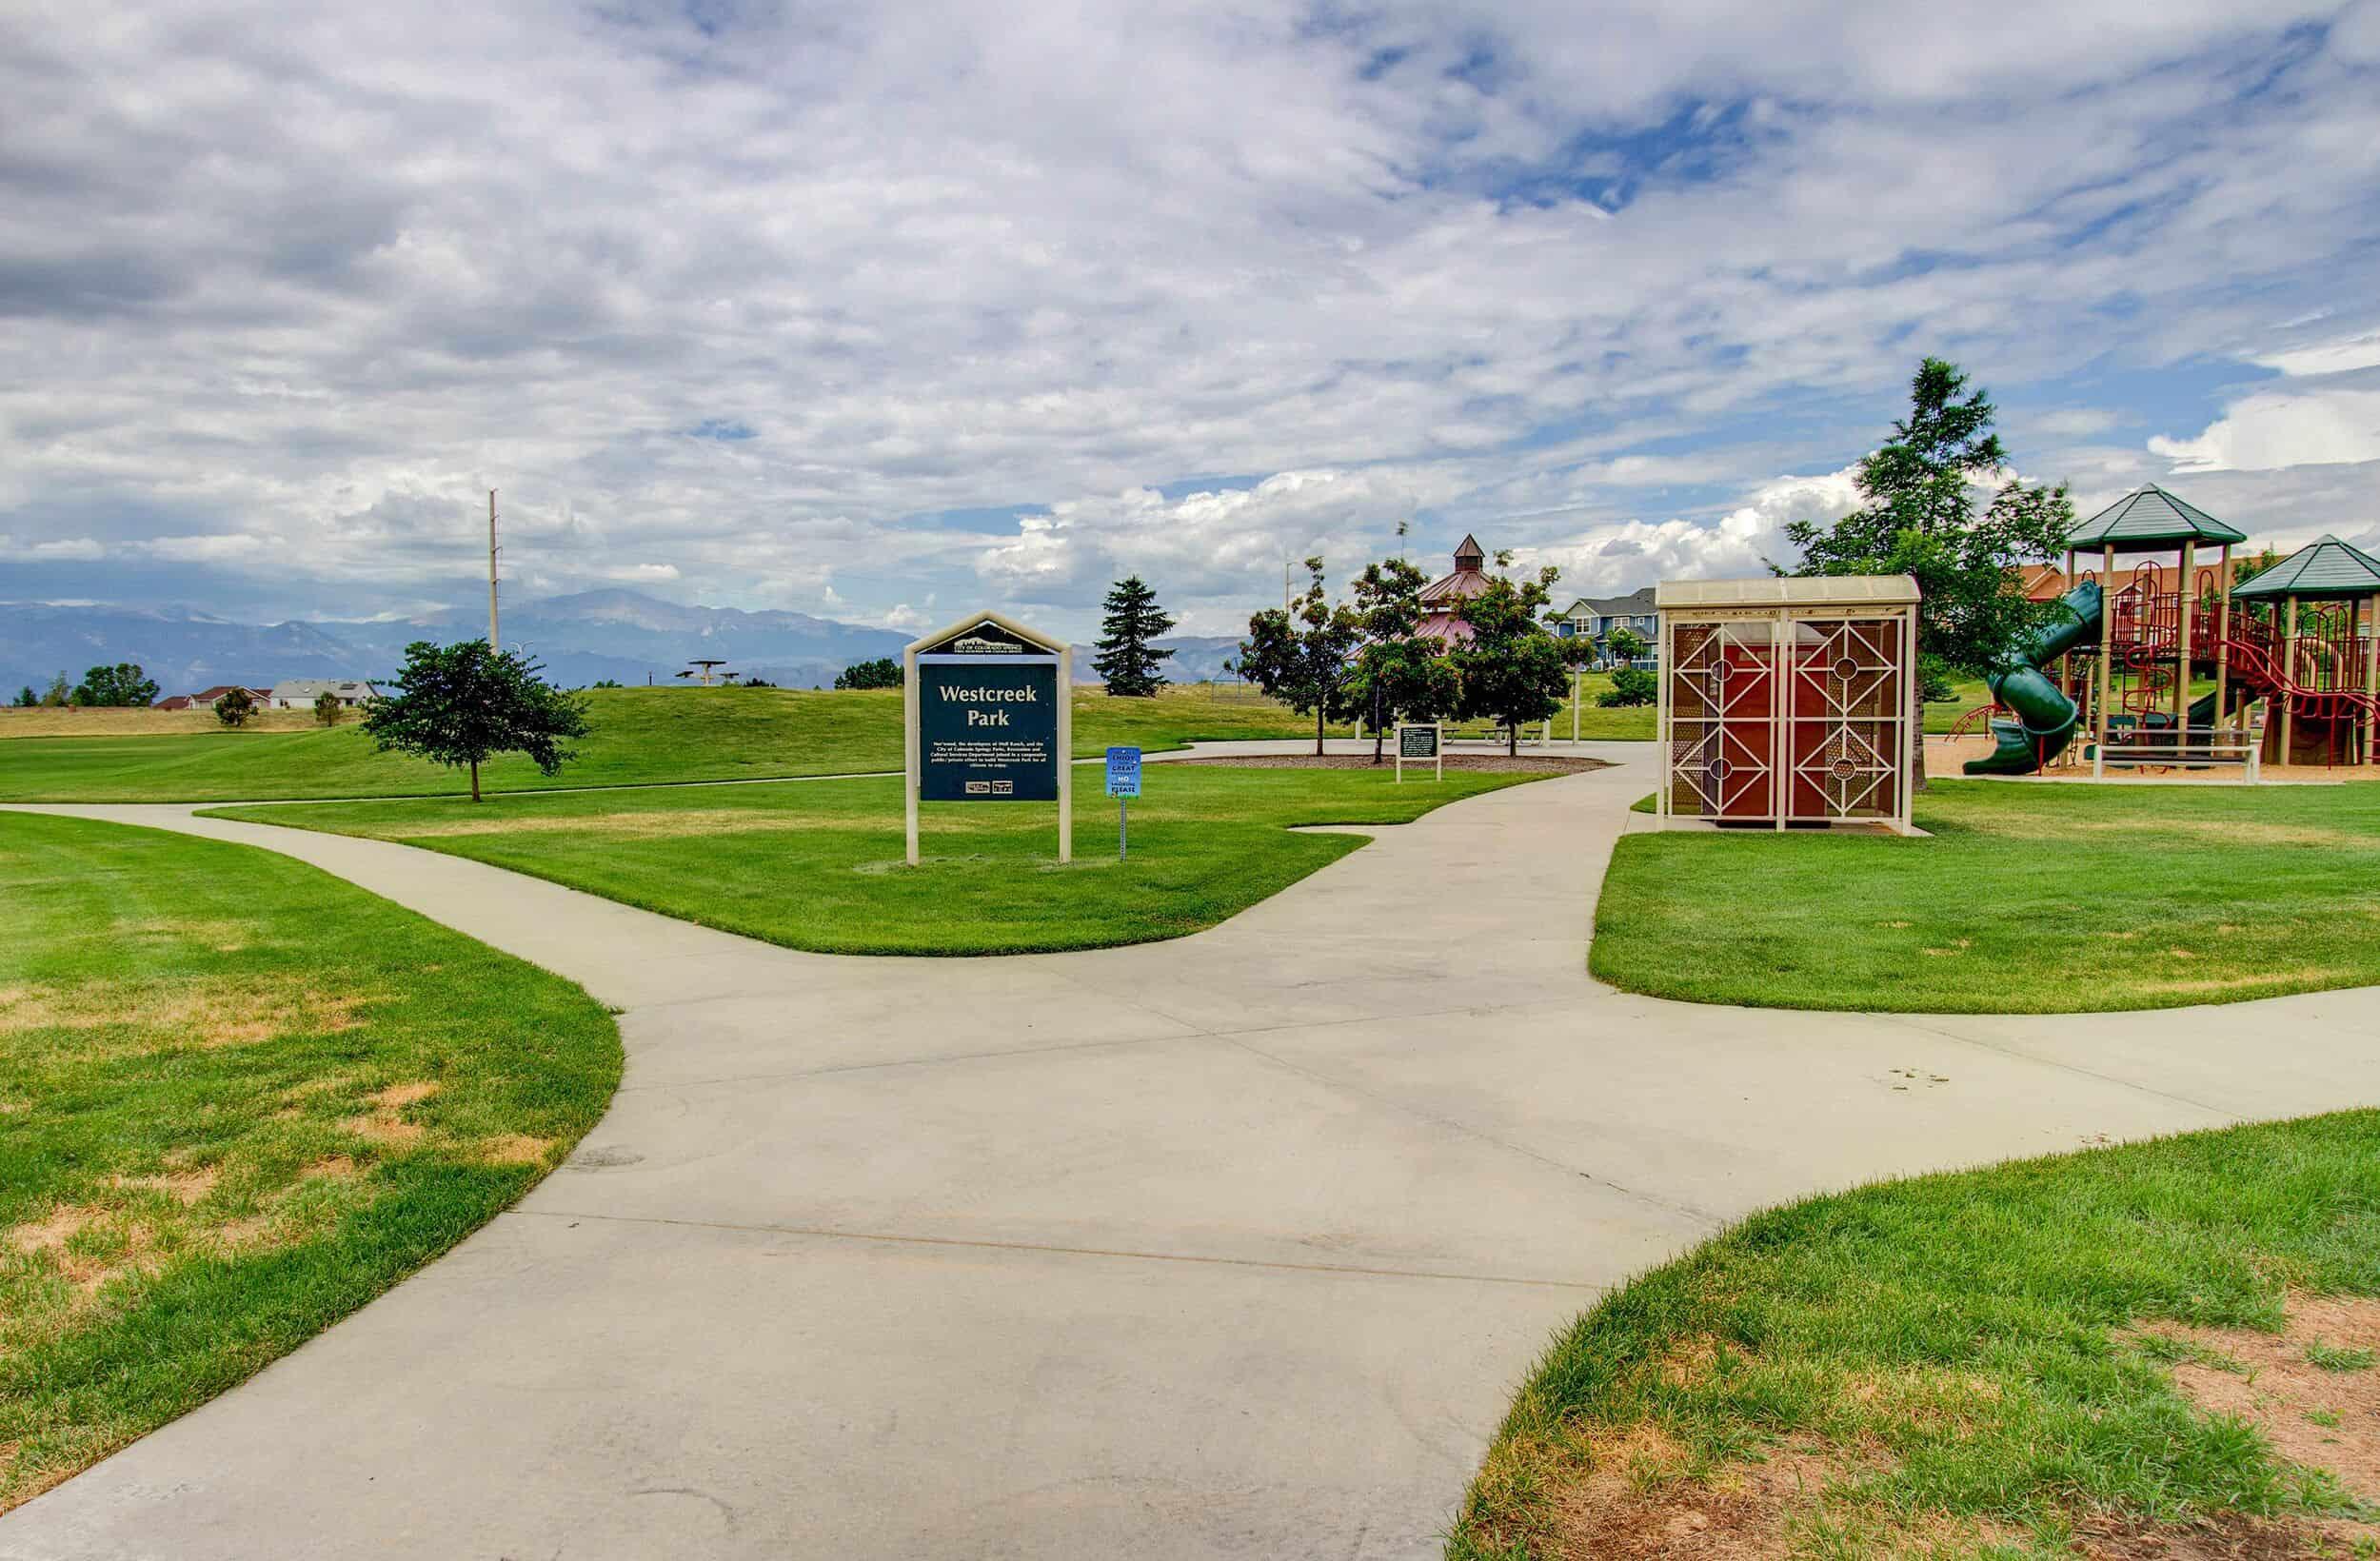 Westcreek Park